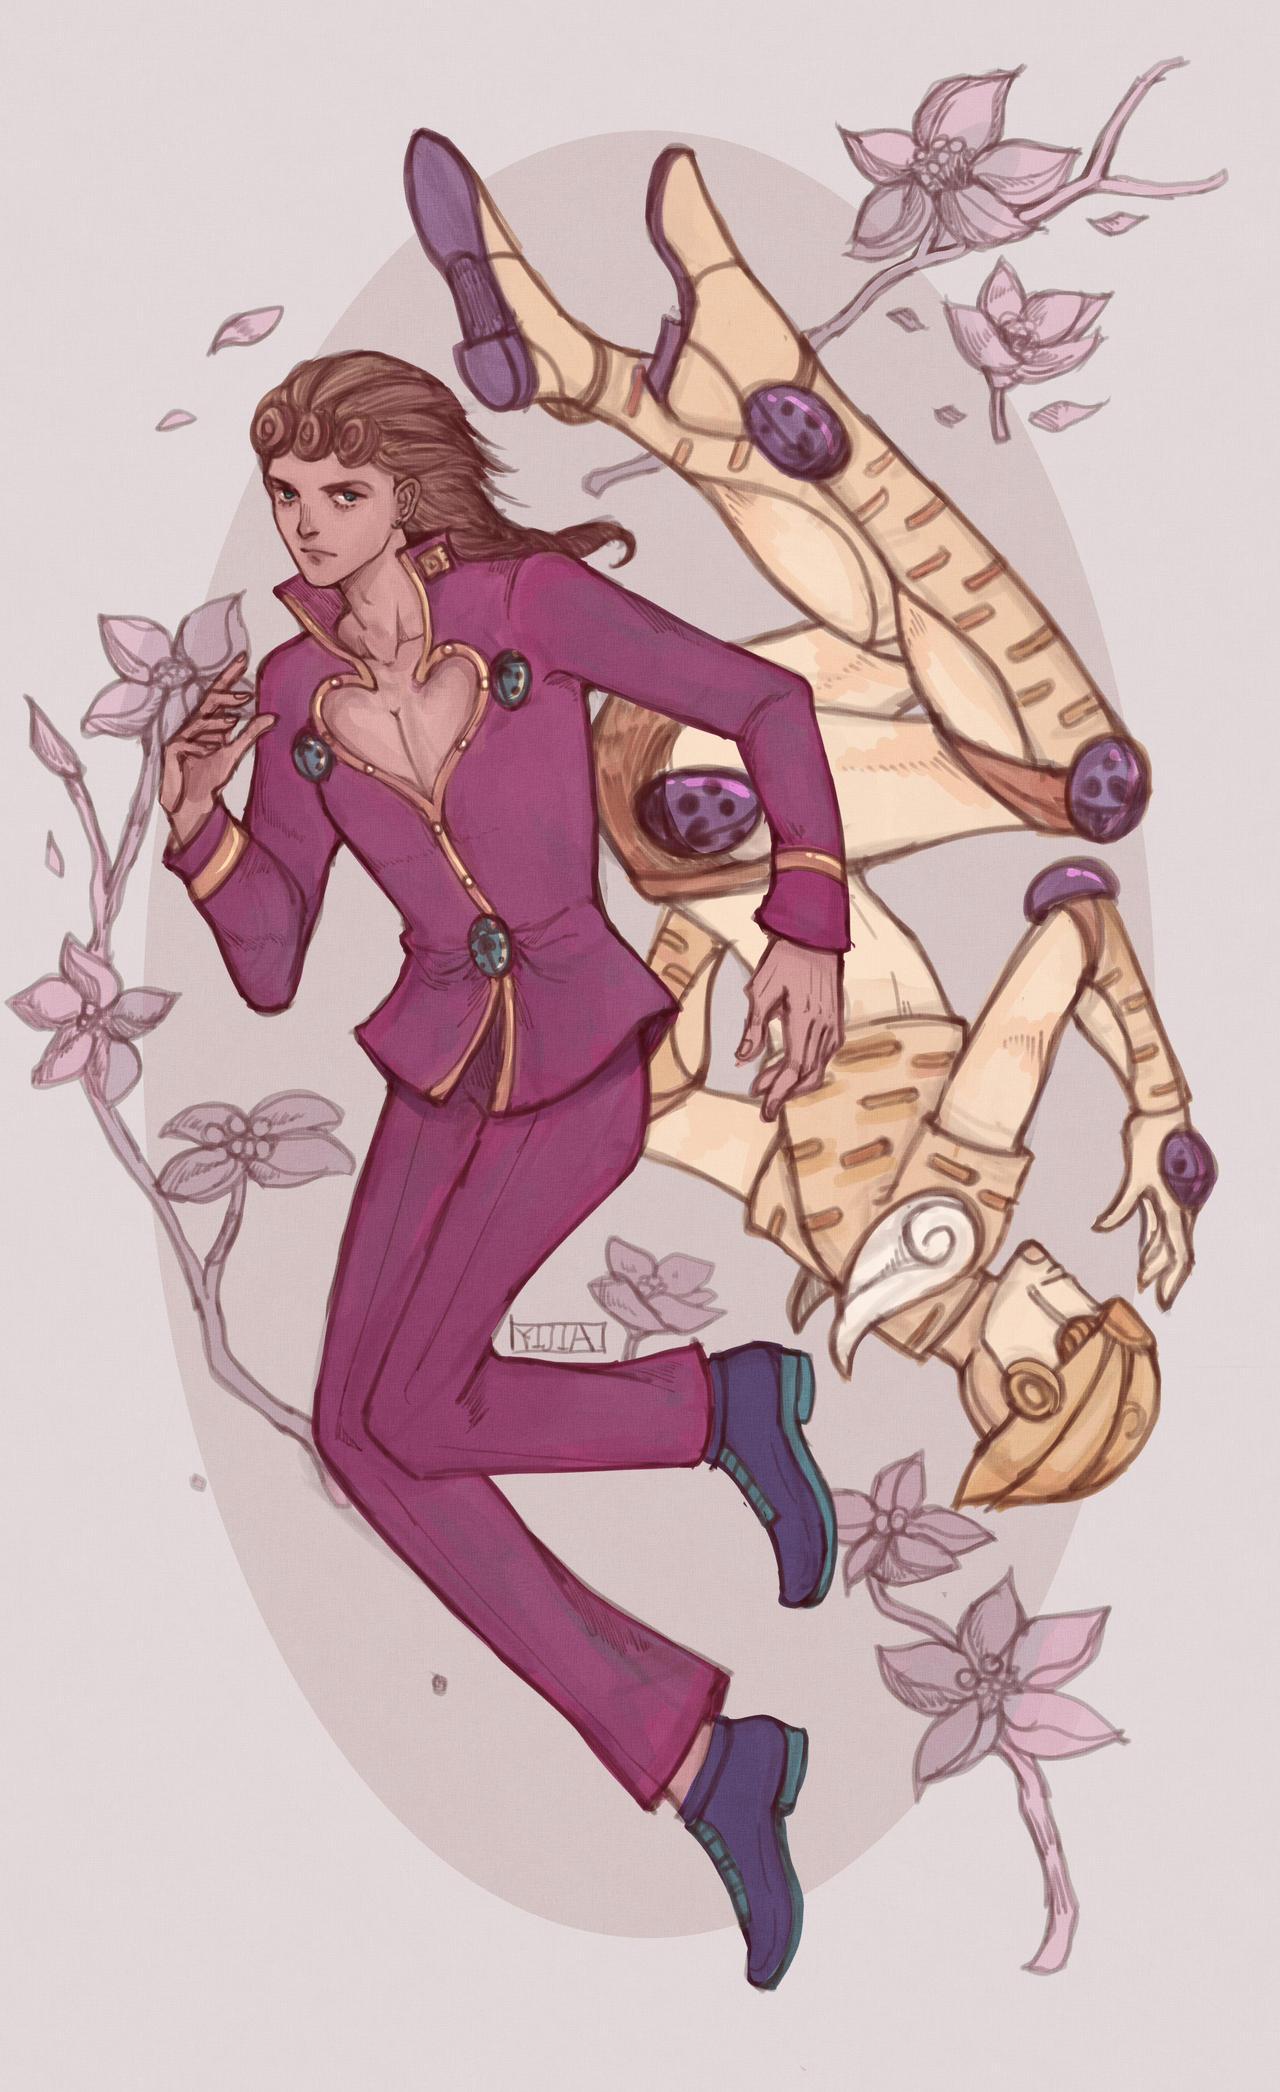 Giorno Giovanna: Golden Wind